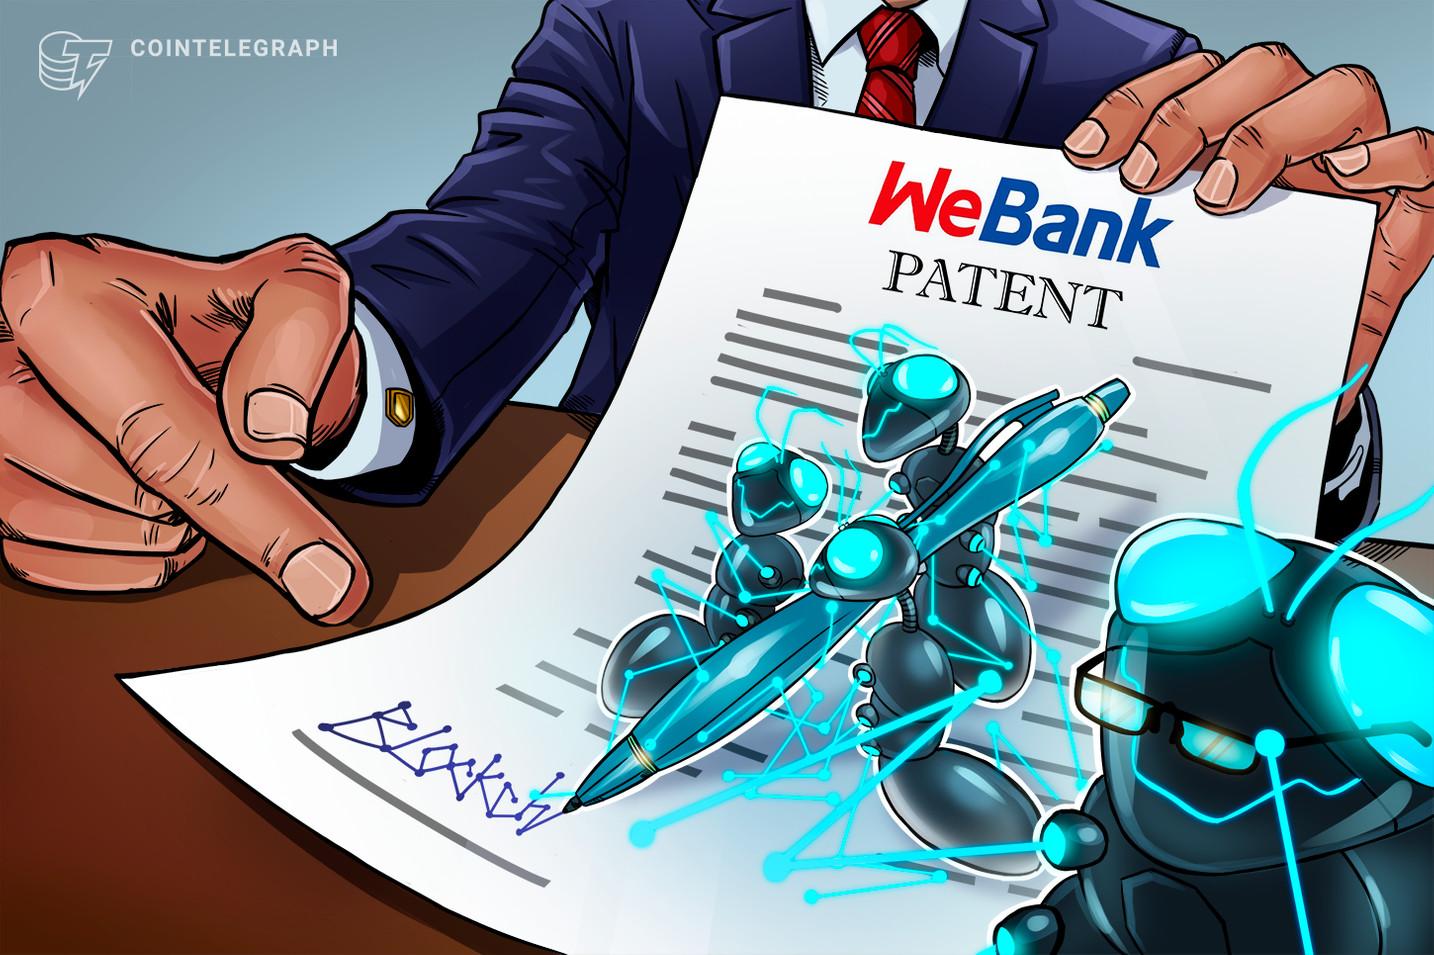 テンセントのデジタル銀行ウィーバンク、ブロックチェーン関連特許を2019年に282件公開